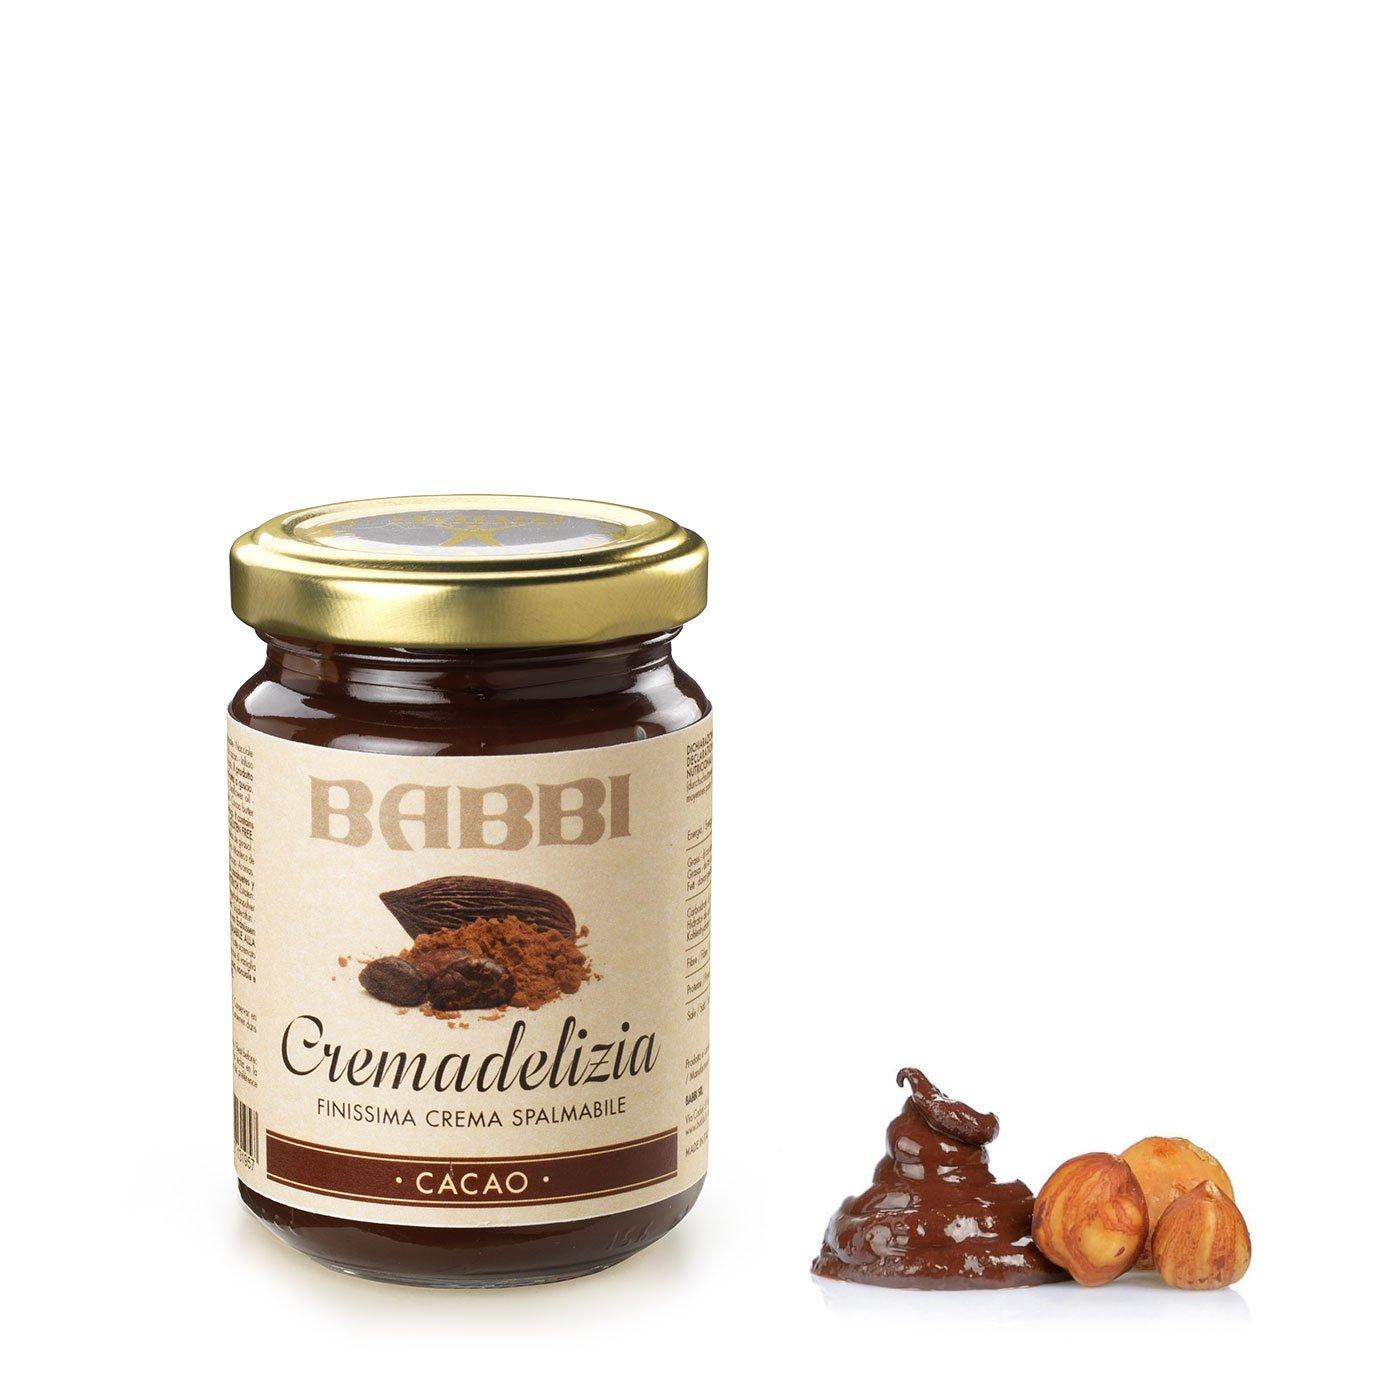 Cremadelizia al Cacao 150g - Babbi | Eataly